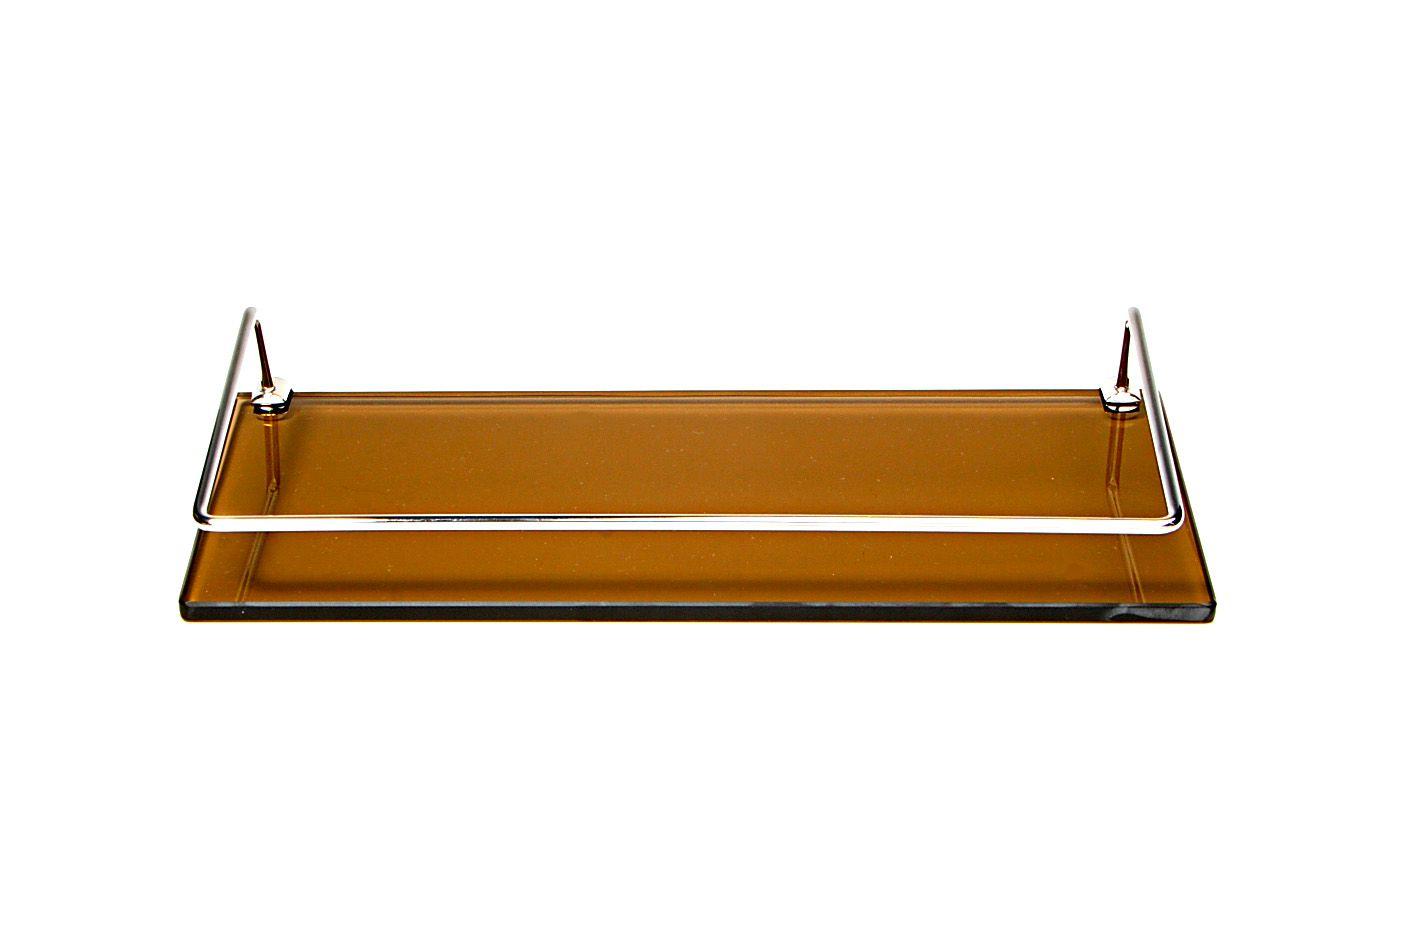 Porta Shampoo Reto em Vidro Bronze Lapidado - Aquabox  - 40cmx14cmx10mm